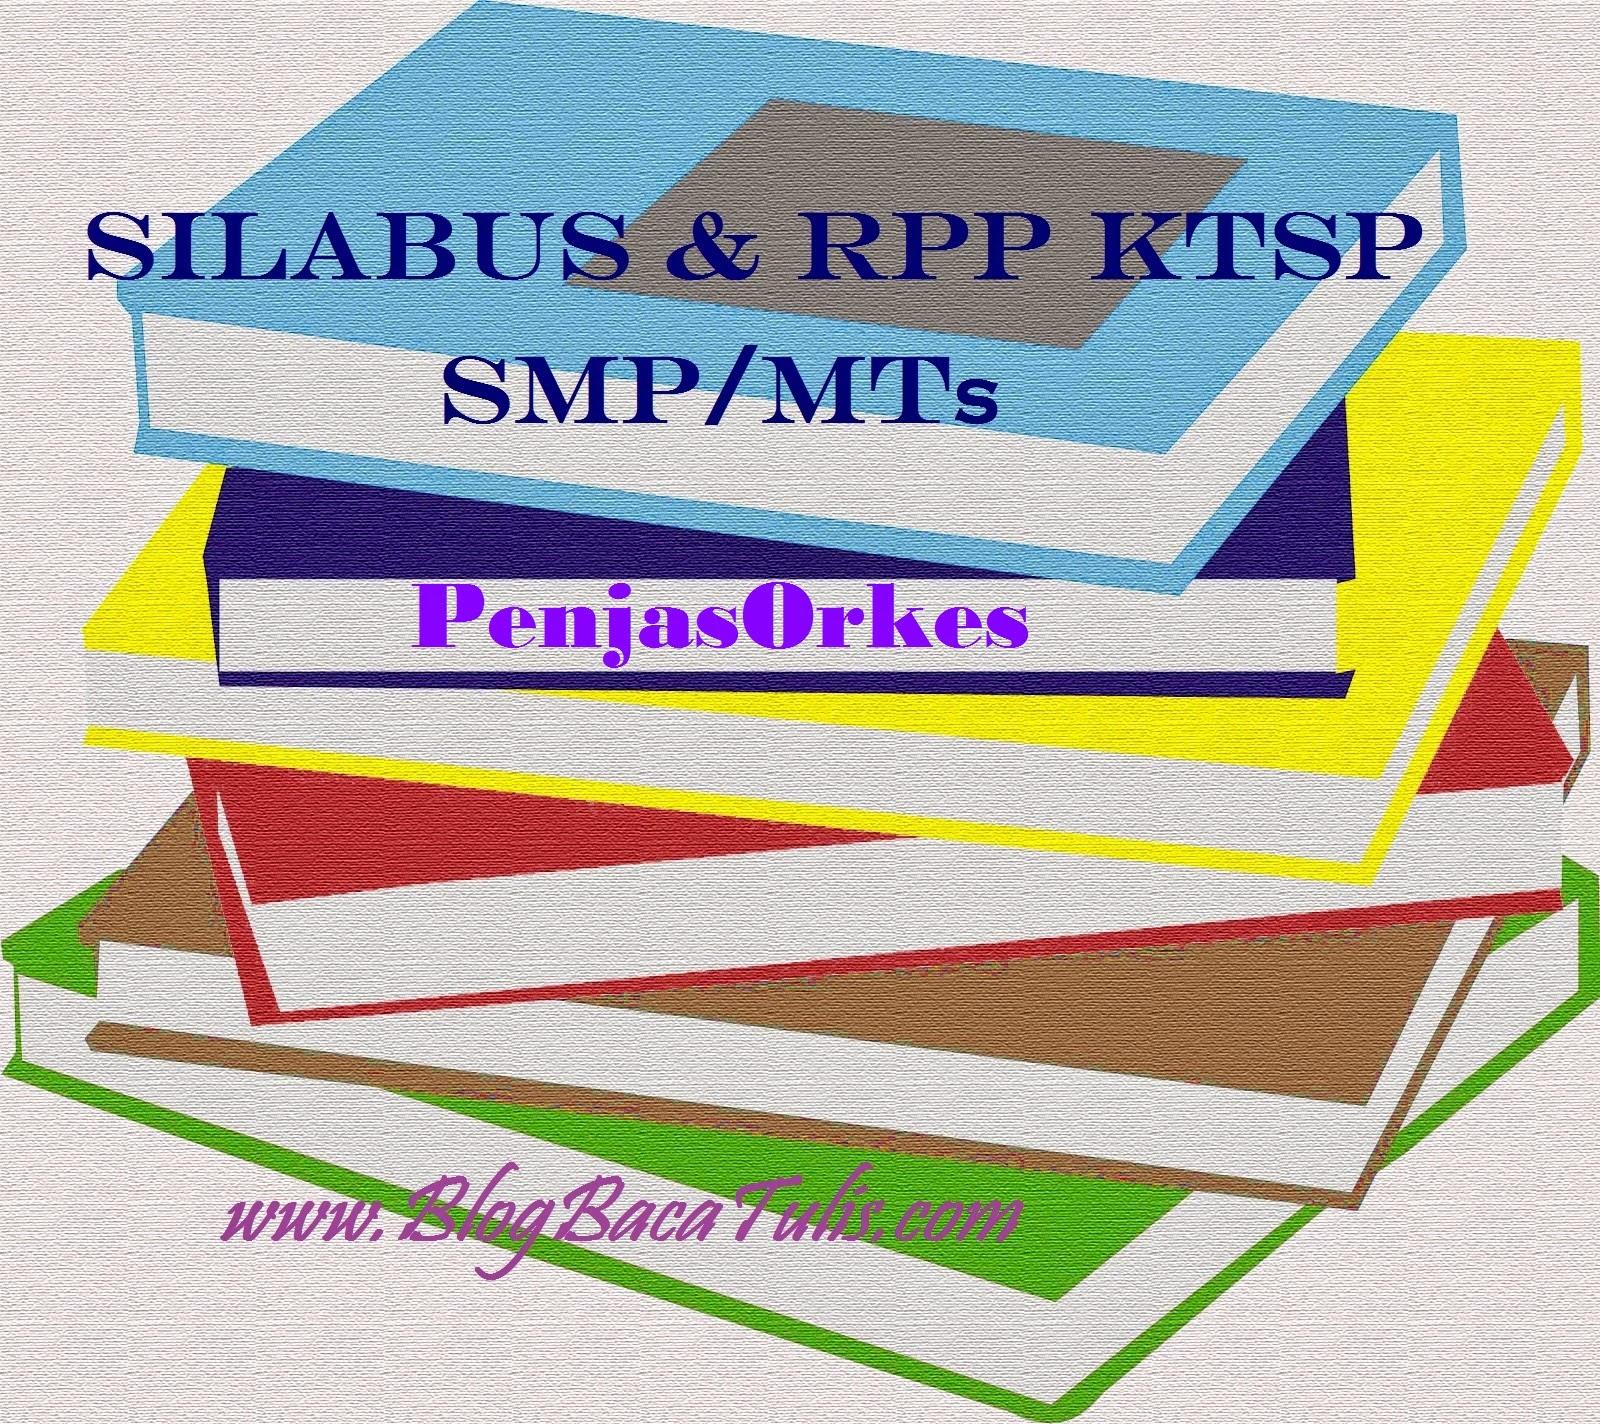 Dowload Silabus RPP KTSP SMP/MTs Mata Pelajaran Penjasorkes